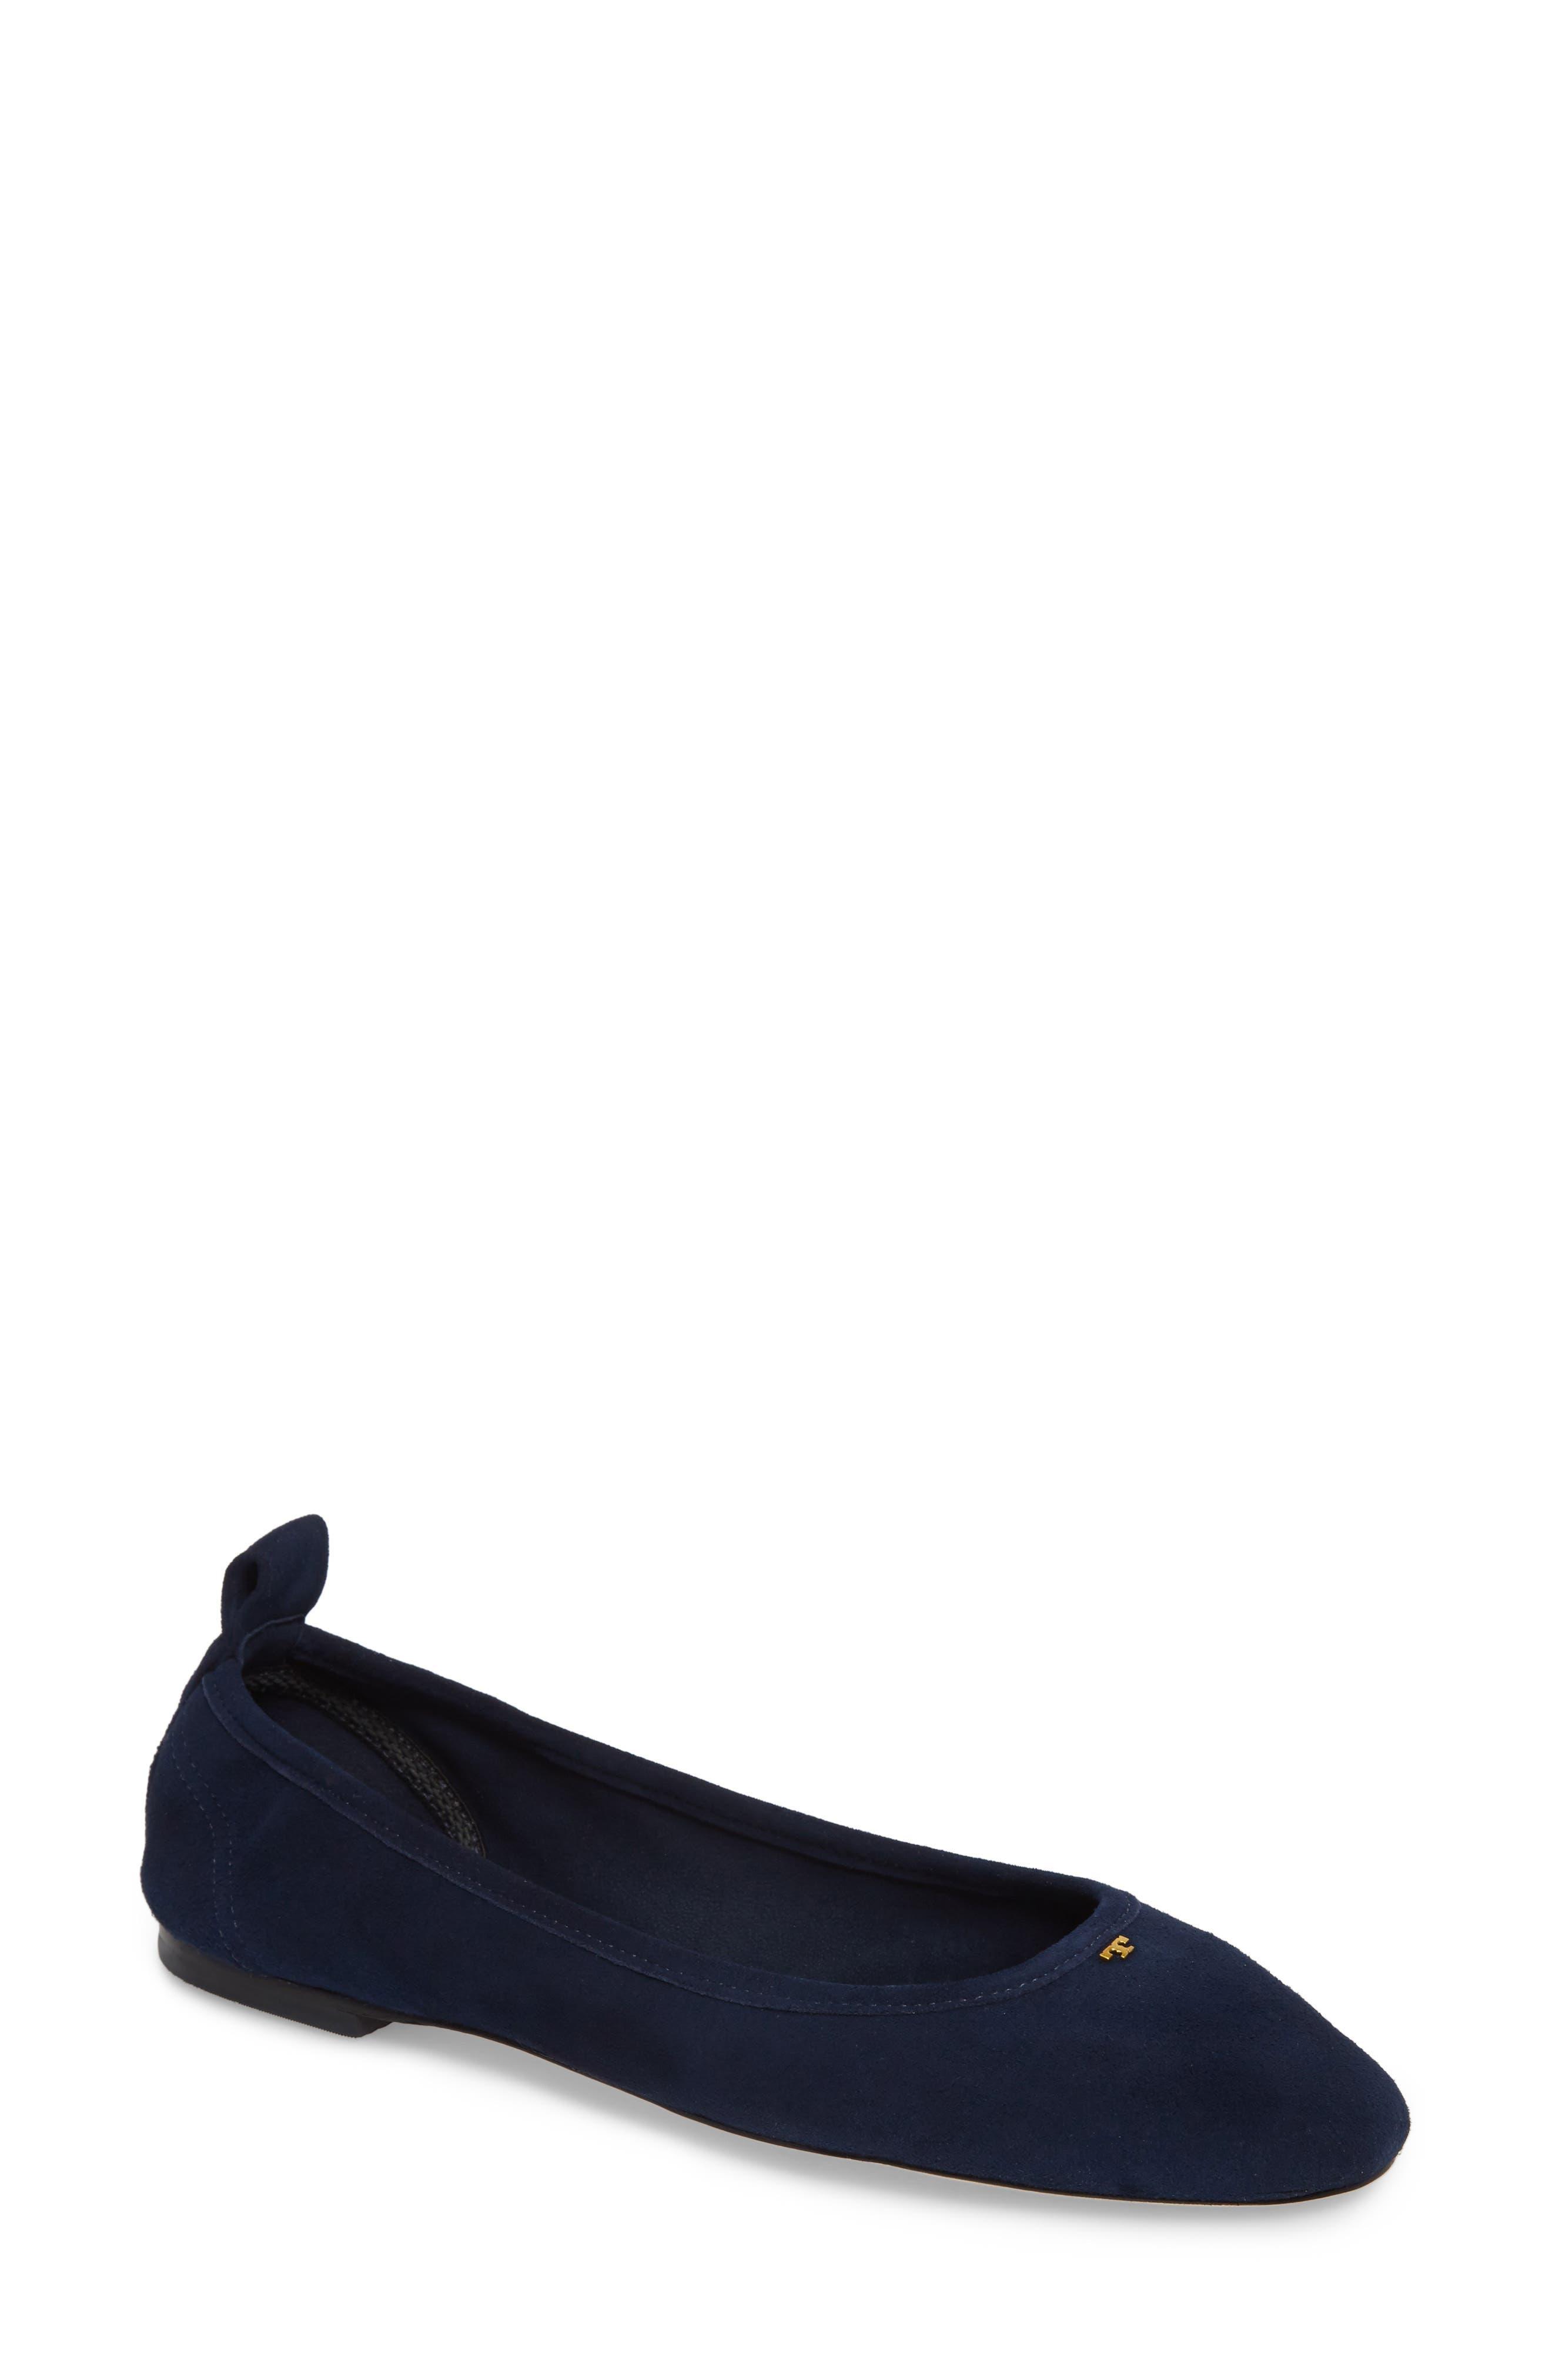 Therese Ballet Flat,                             Main thumbnail 1, color,                             Royal Navy